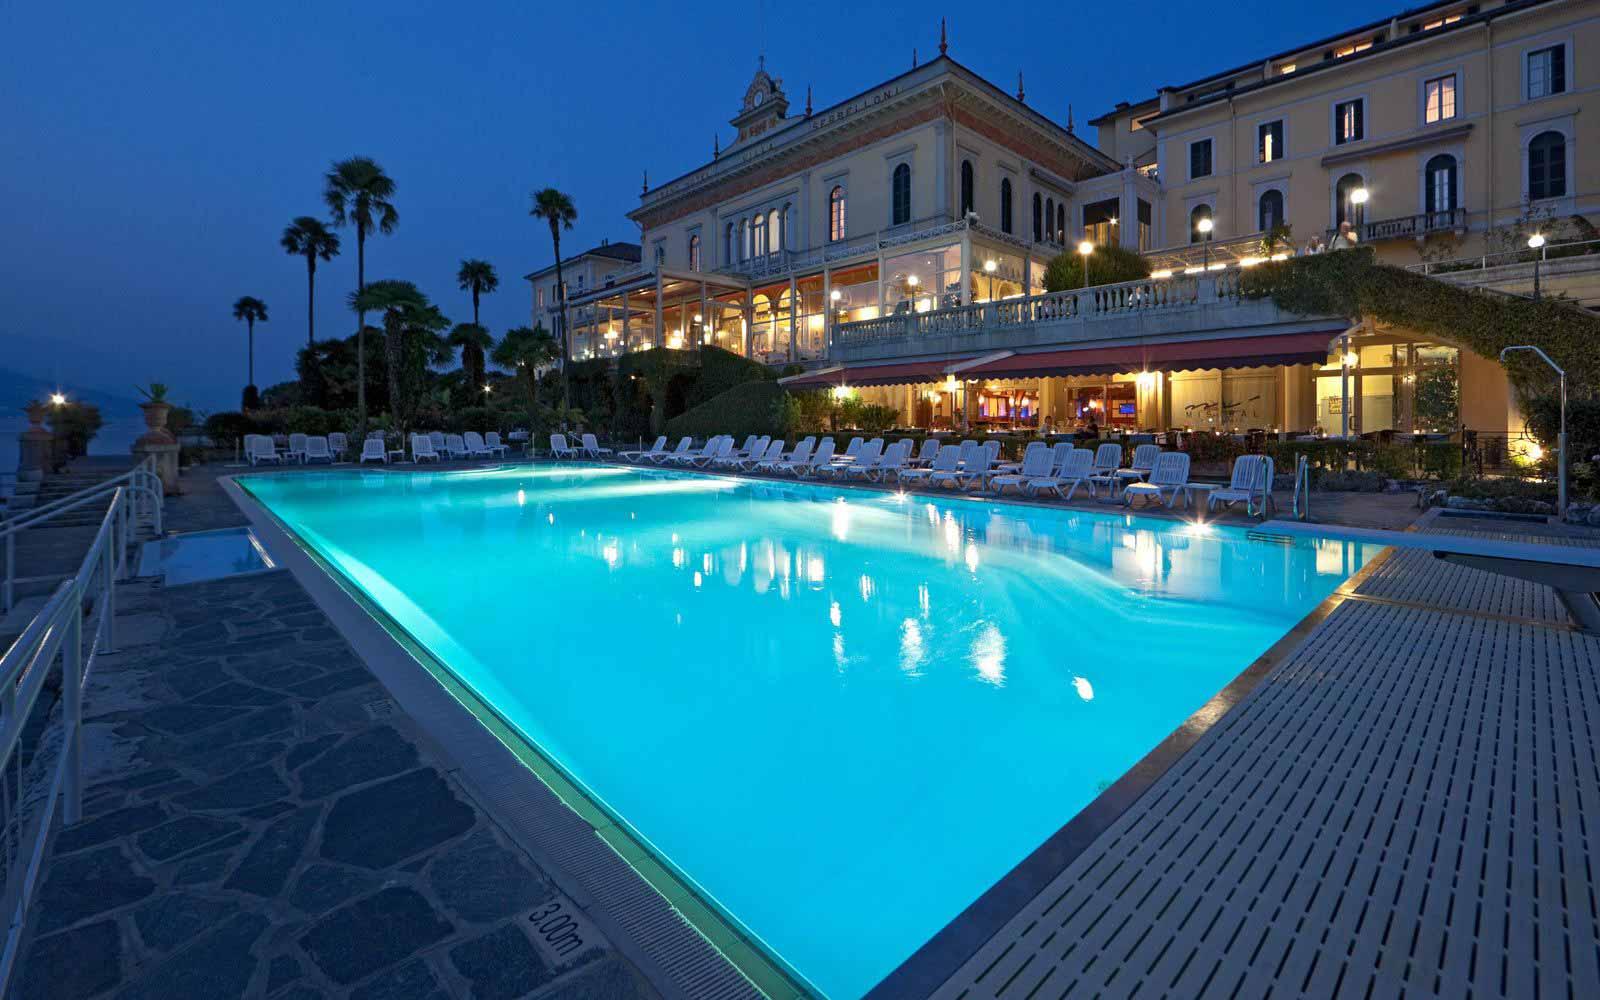 Grand Hotel Villa Serbelloni at night